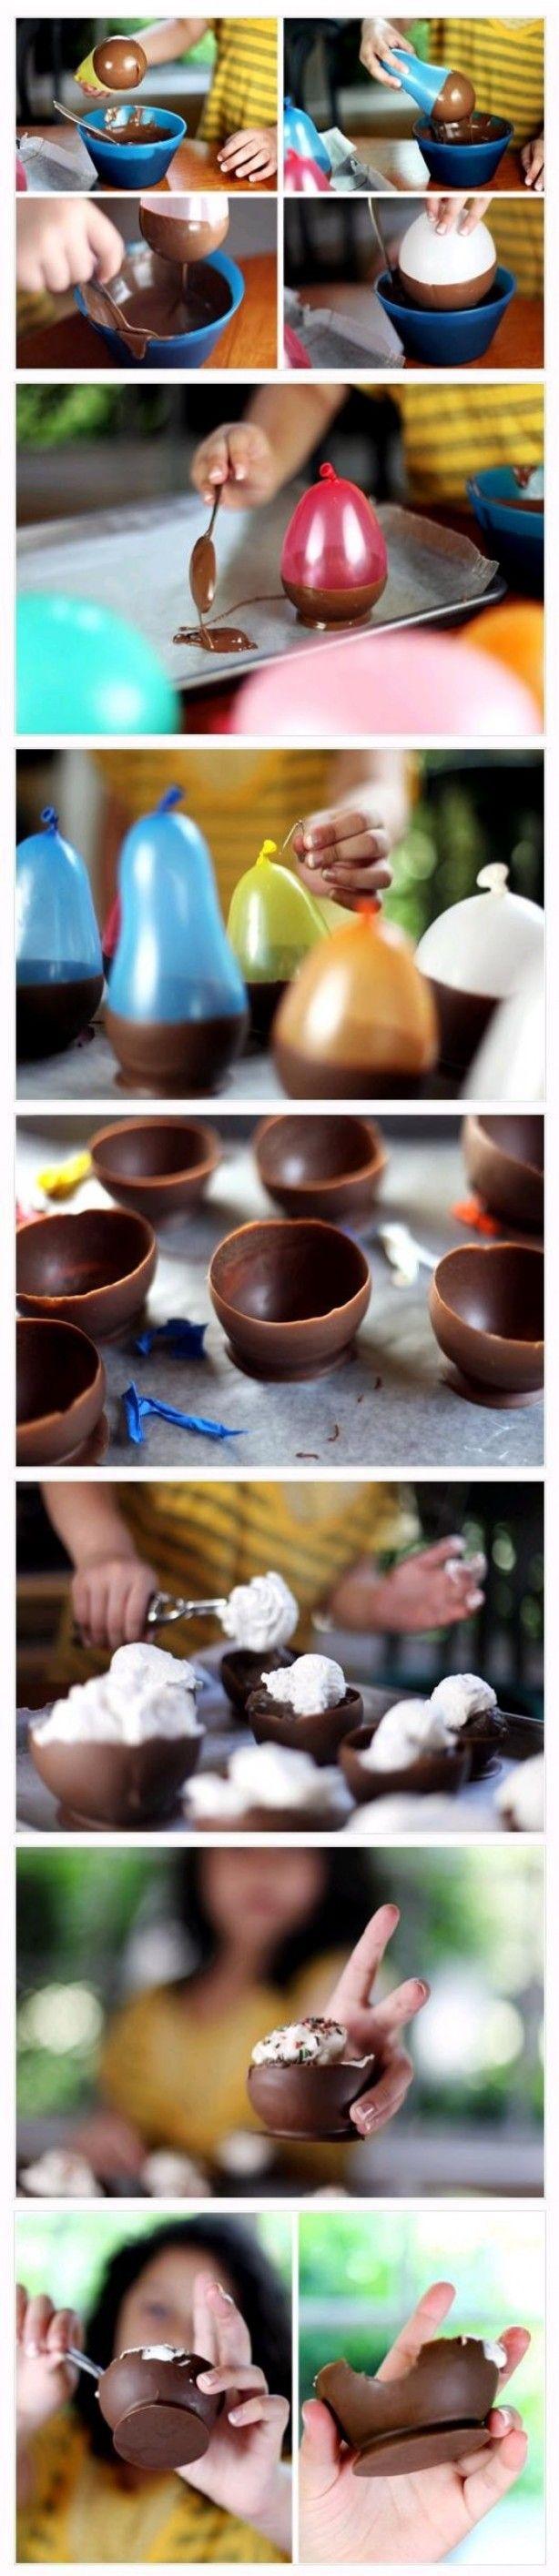 eetbaar bakje van chocola